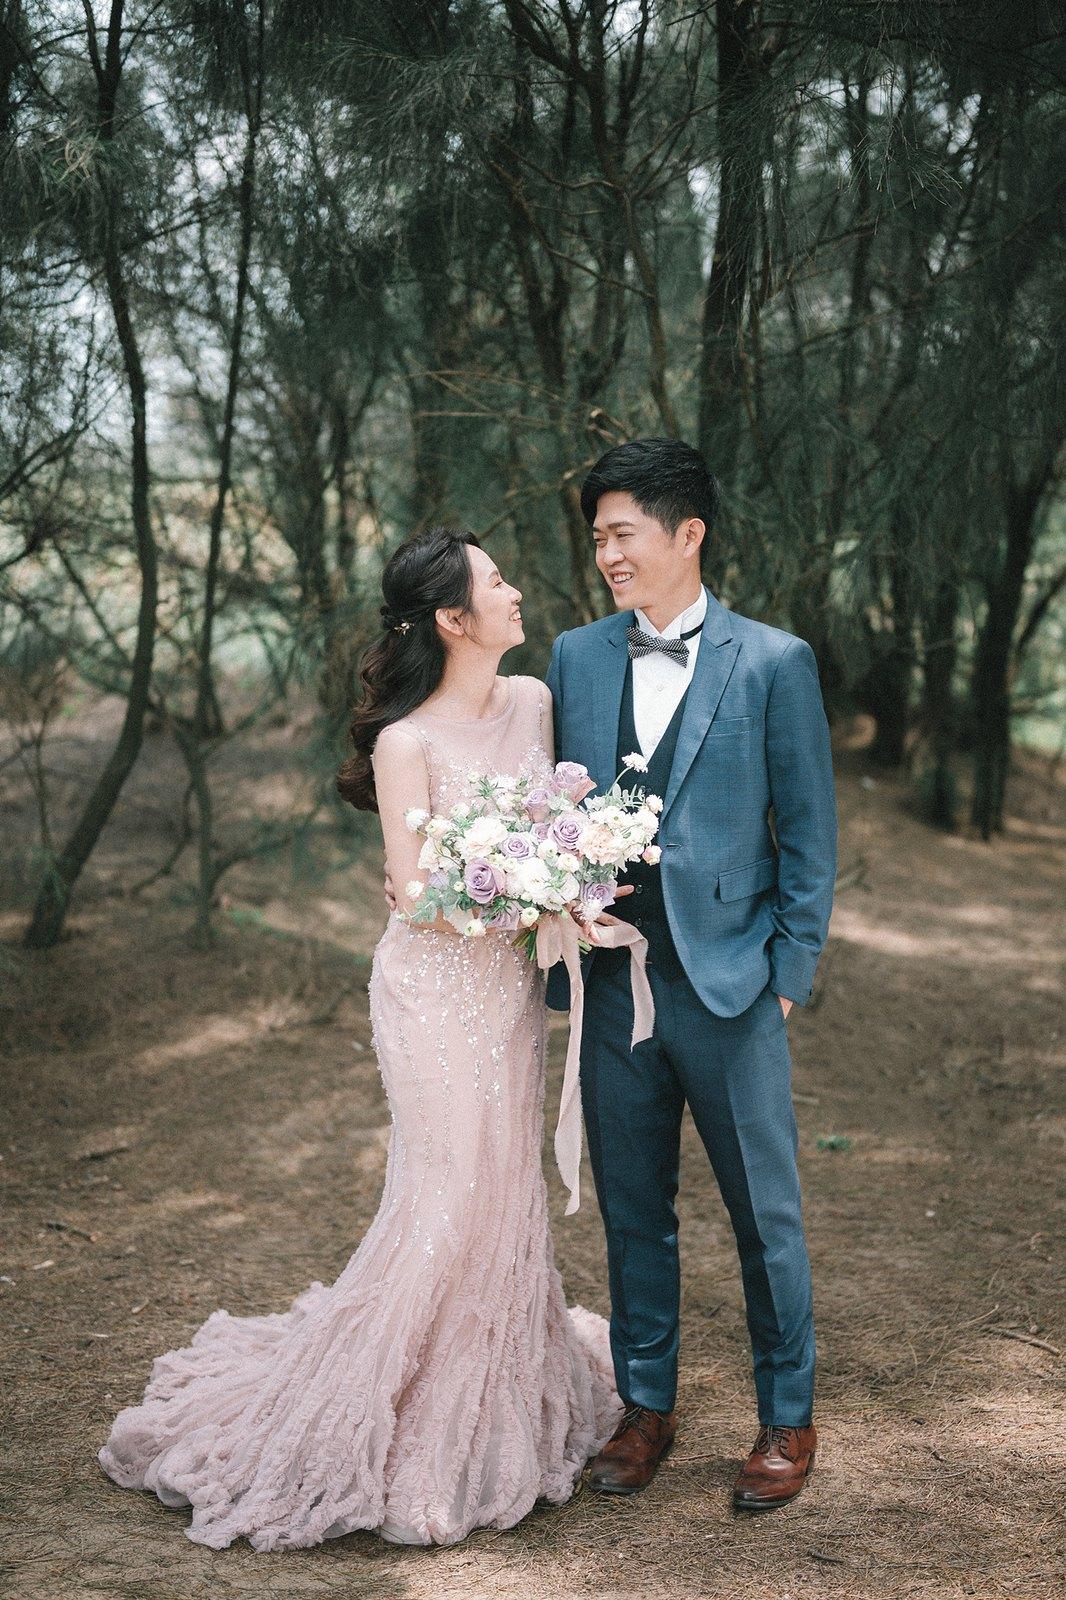 【婚紗】Bruce & Sally / 沙崙海灘 / 華中河濱公園 / 大稻埕碼頭